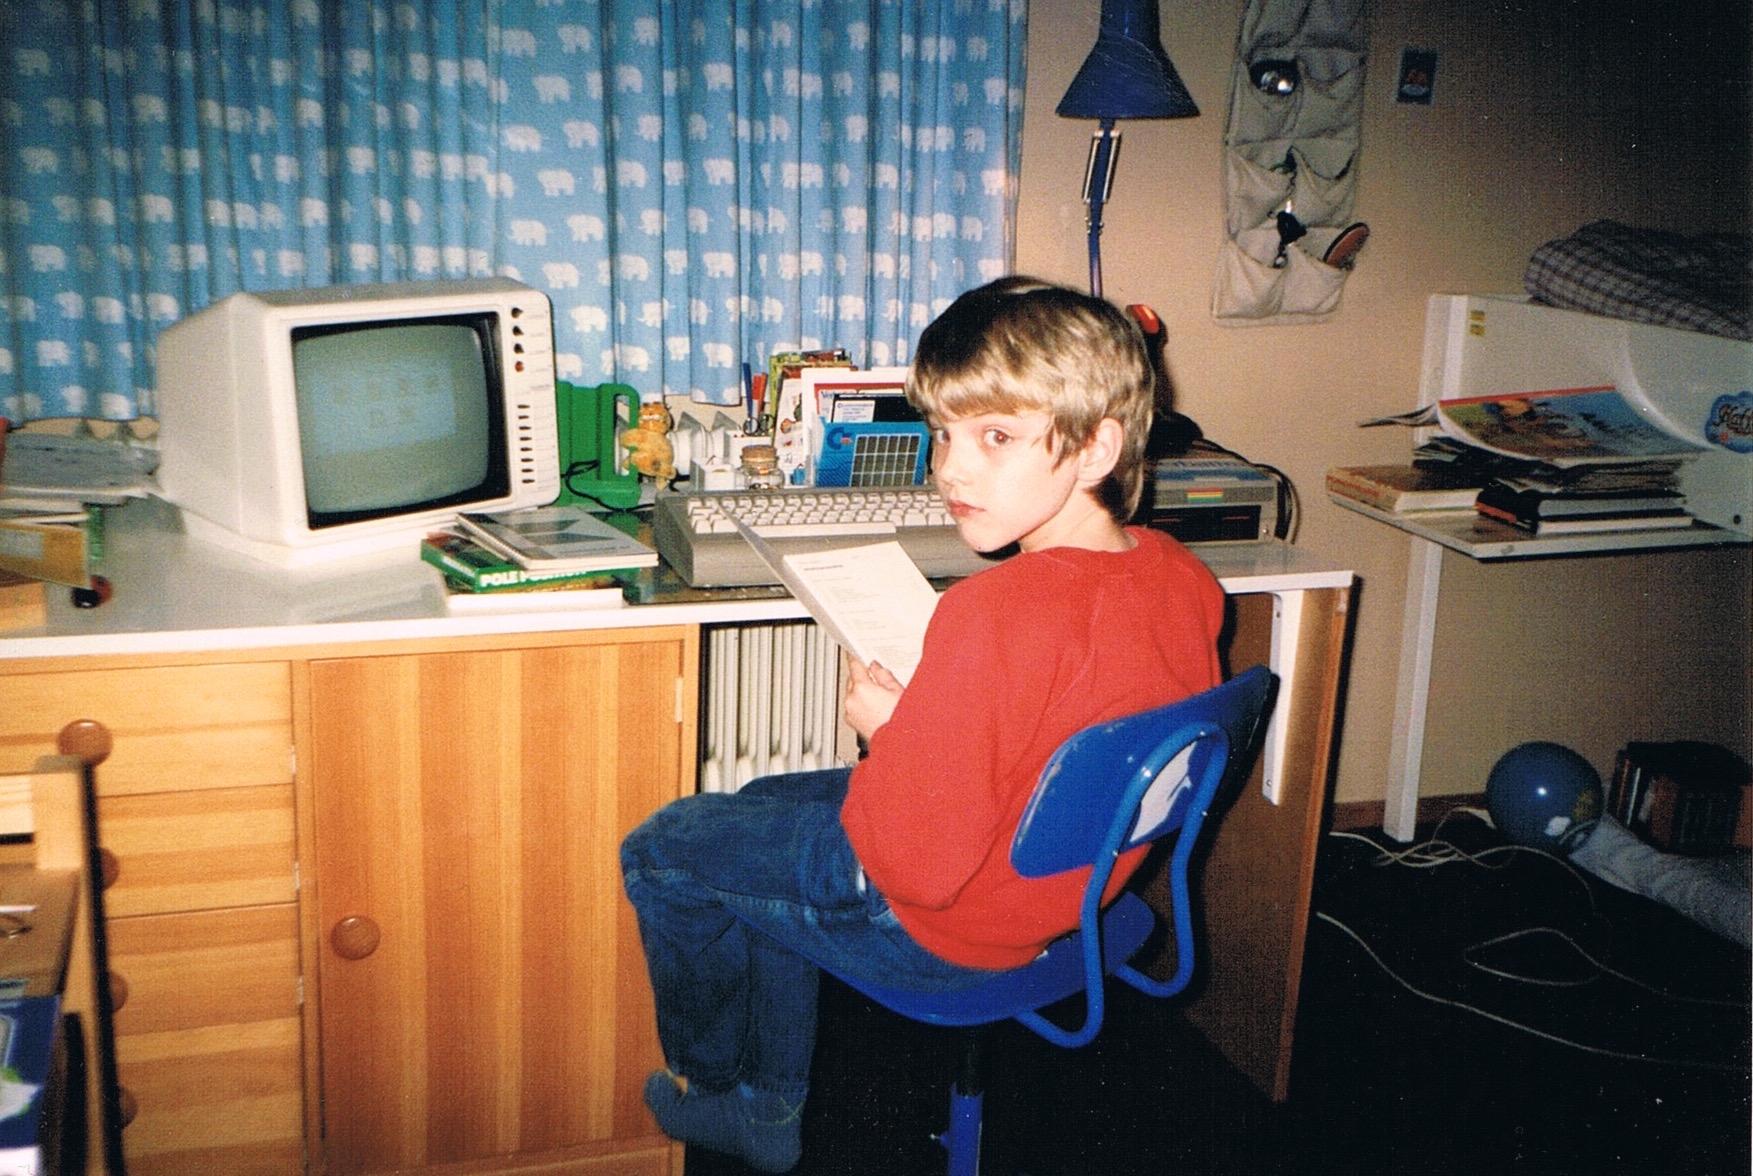 Schicksalhafte Begegnung: Jan und der erste eigene C64, Weihnachten 1987. (Bild: Jan Beta)